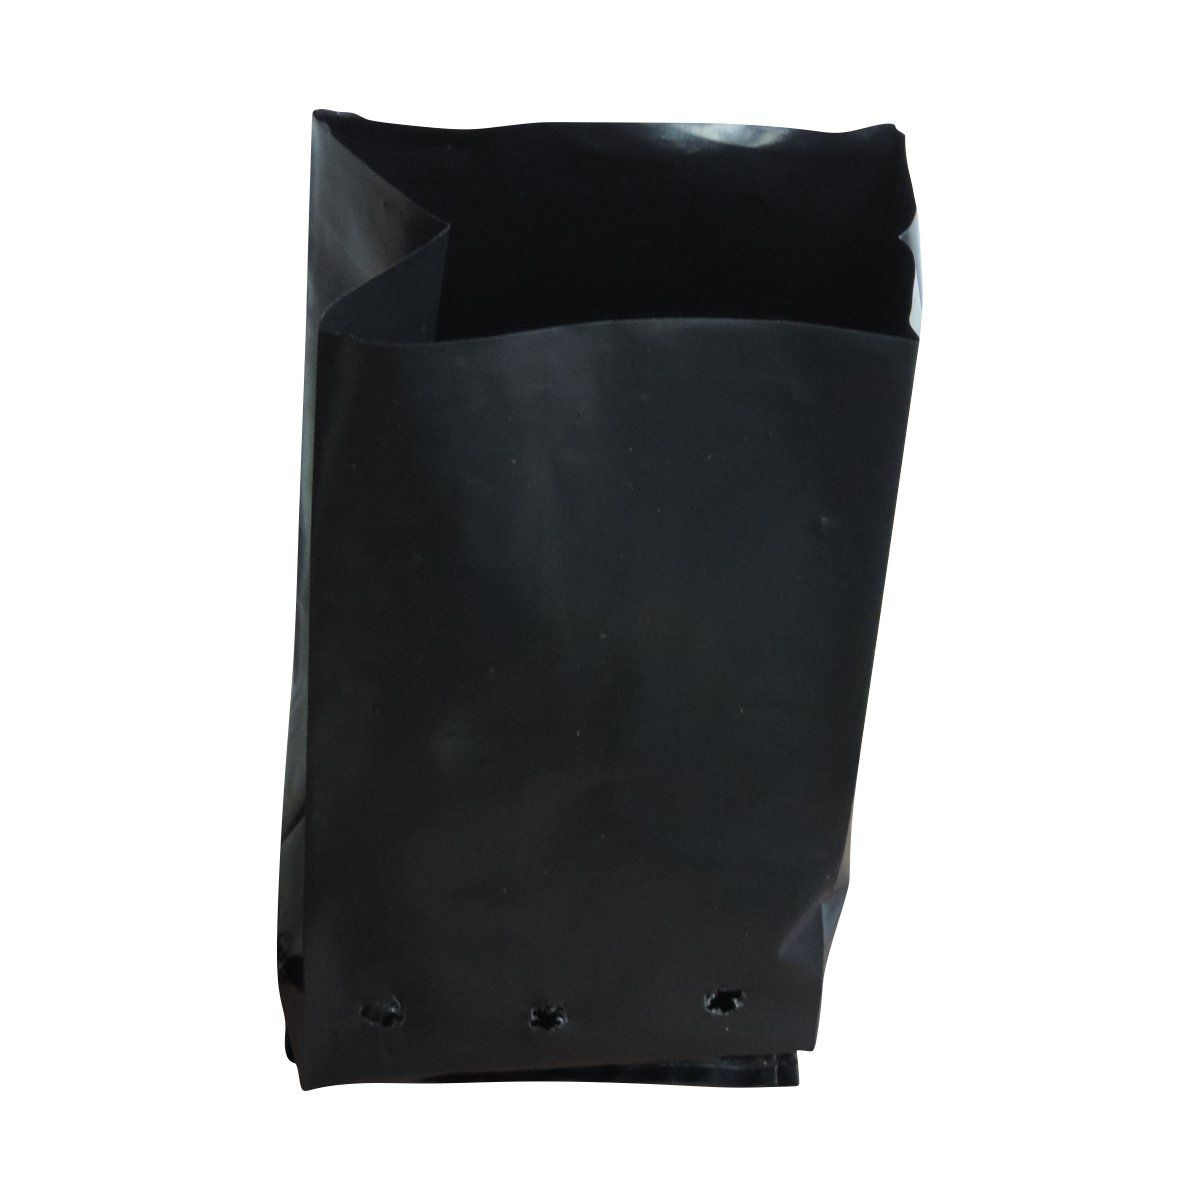 Saco para mudas aproximadamente 15cm x 20cm plástico preto para manga, maracujá ou cacau 100 unidades